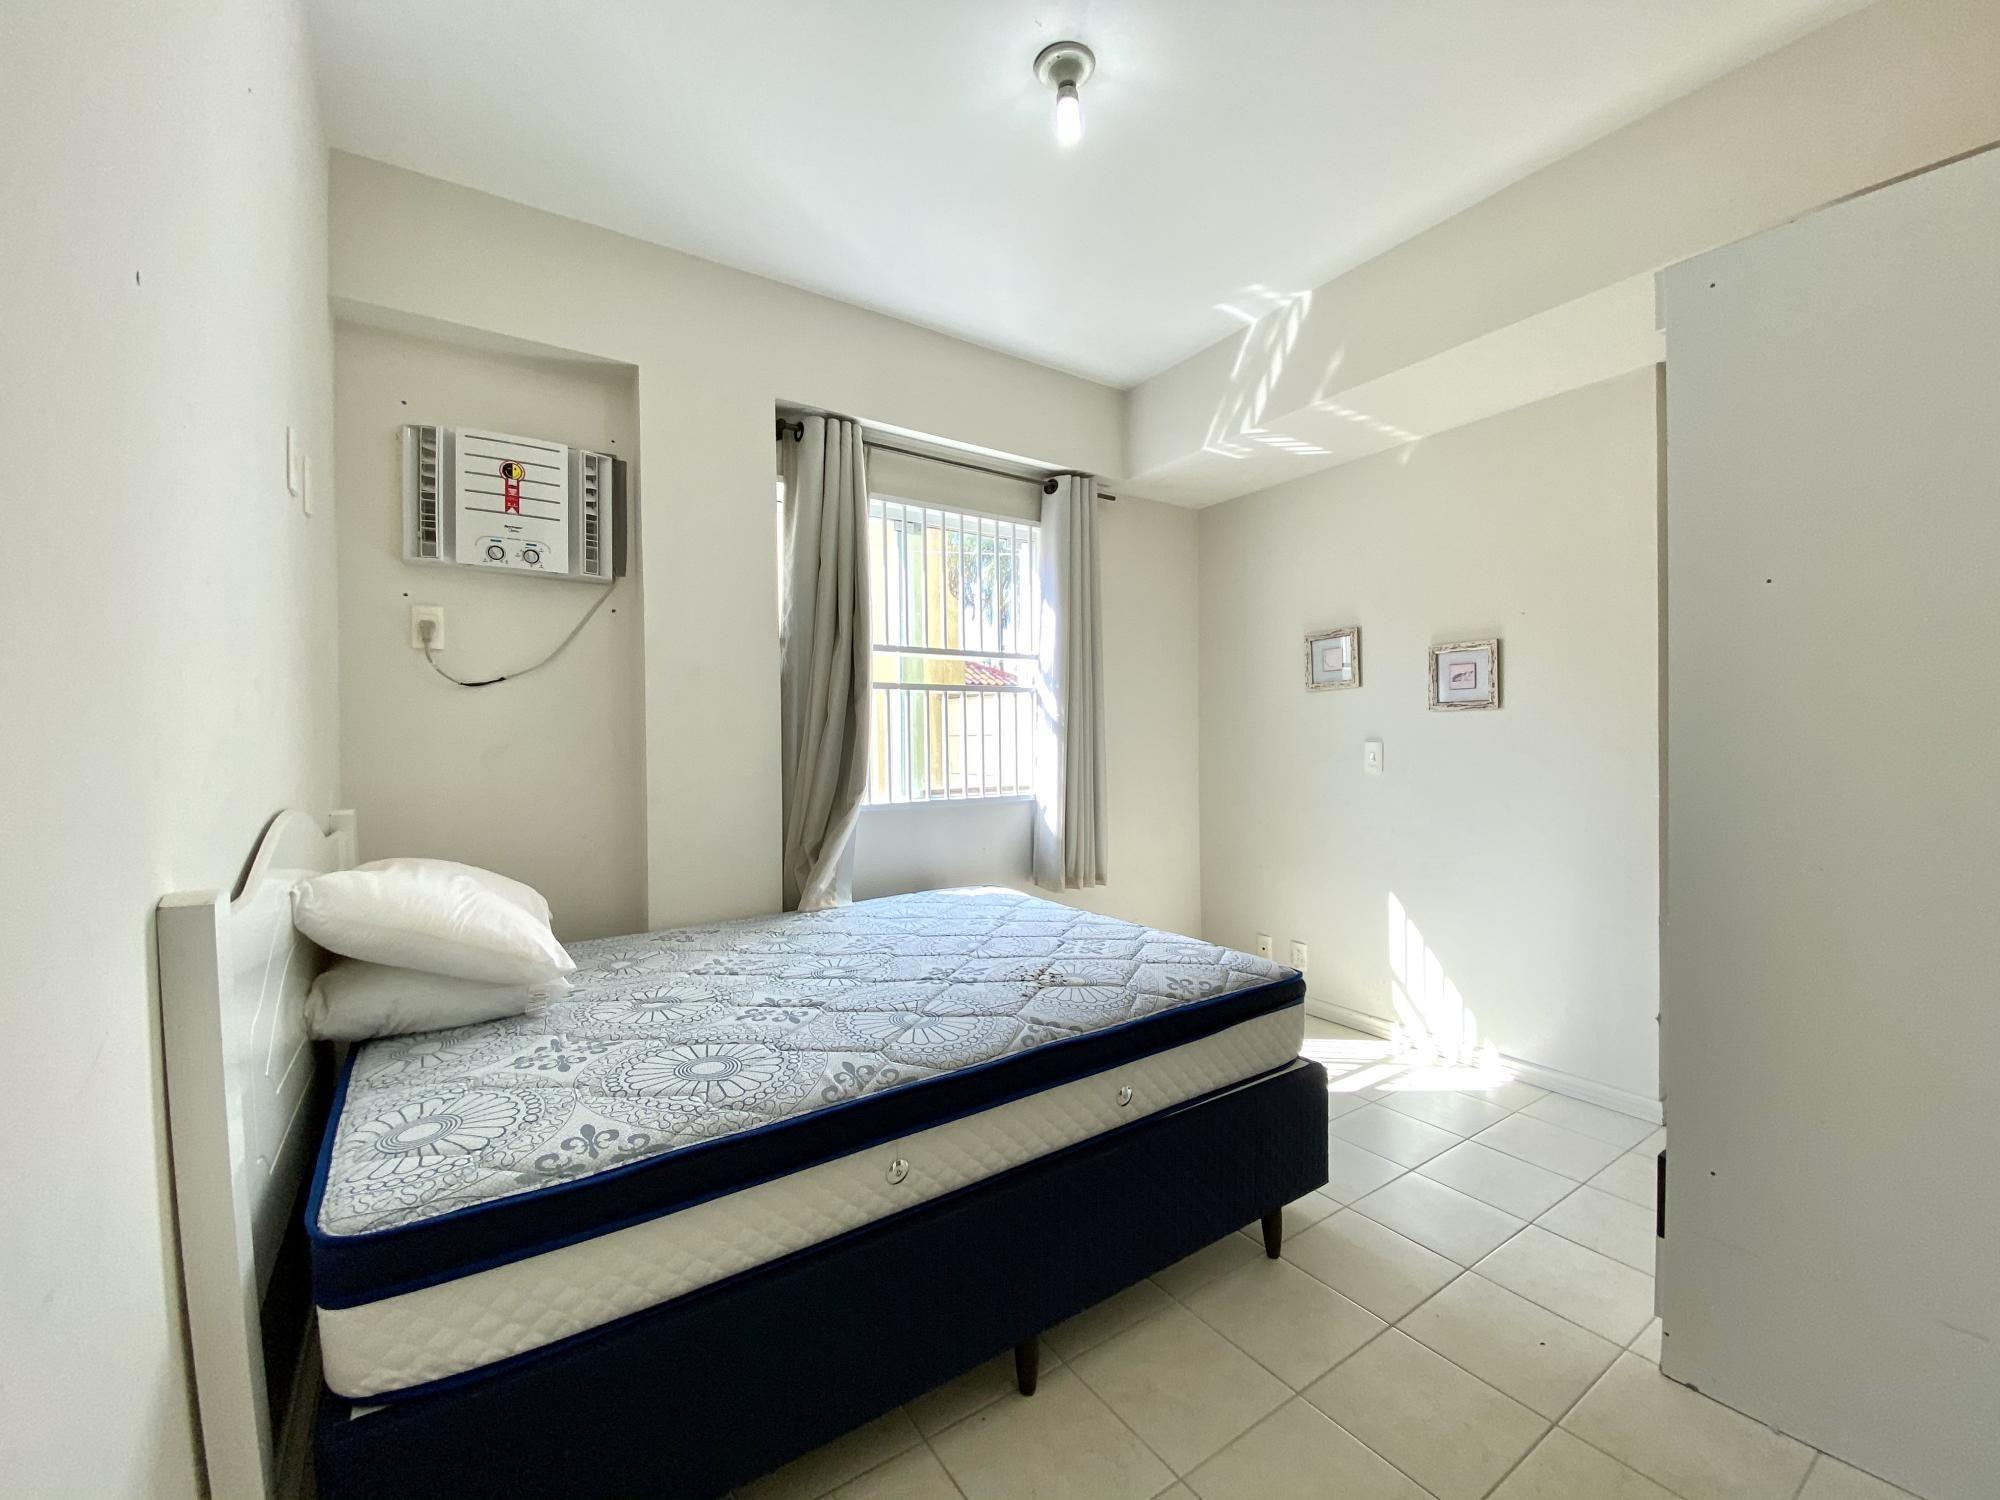 Apartamento com 2 Dormitórios para alugar, 83 m² por R$ 130,00